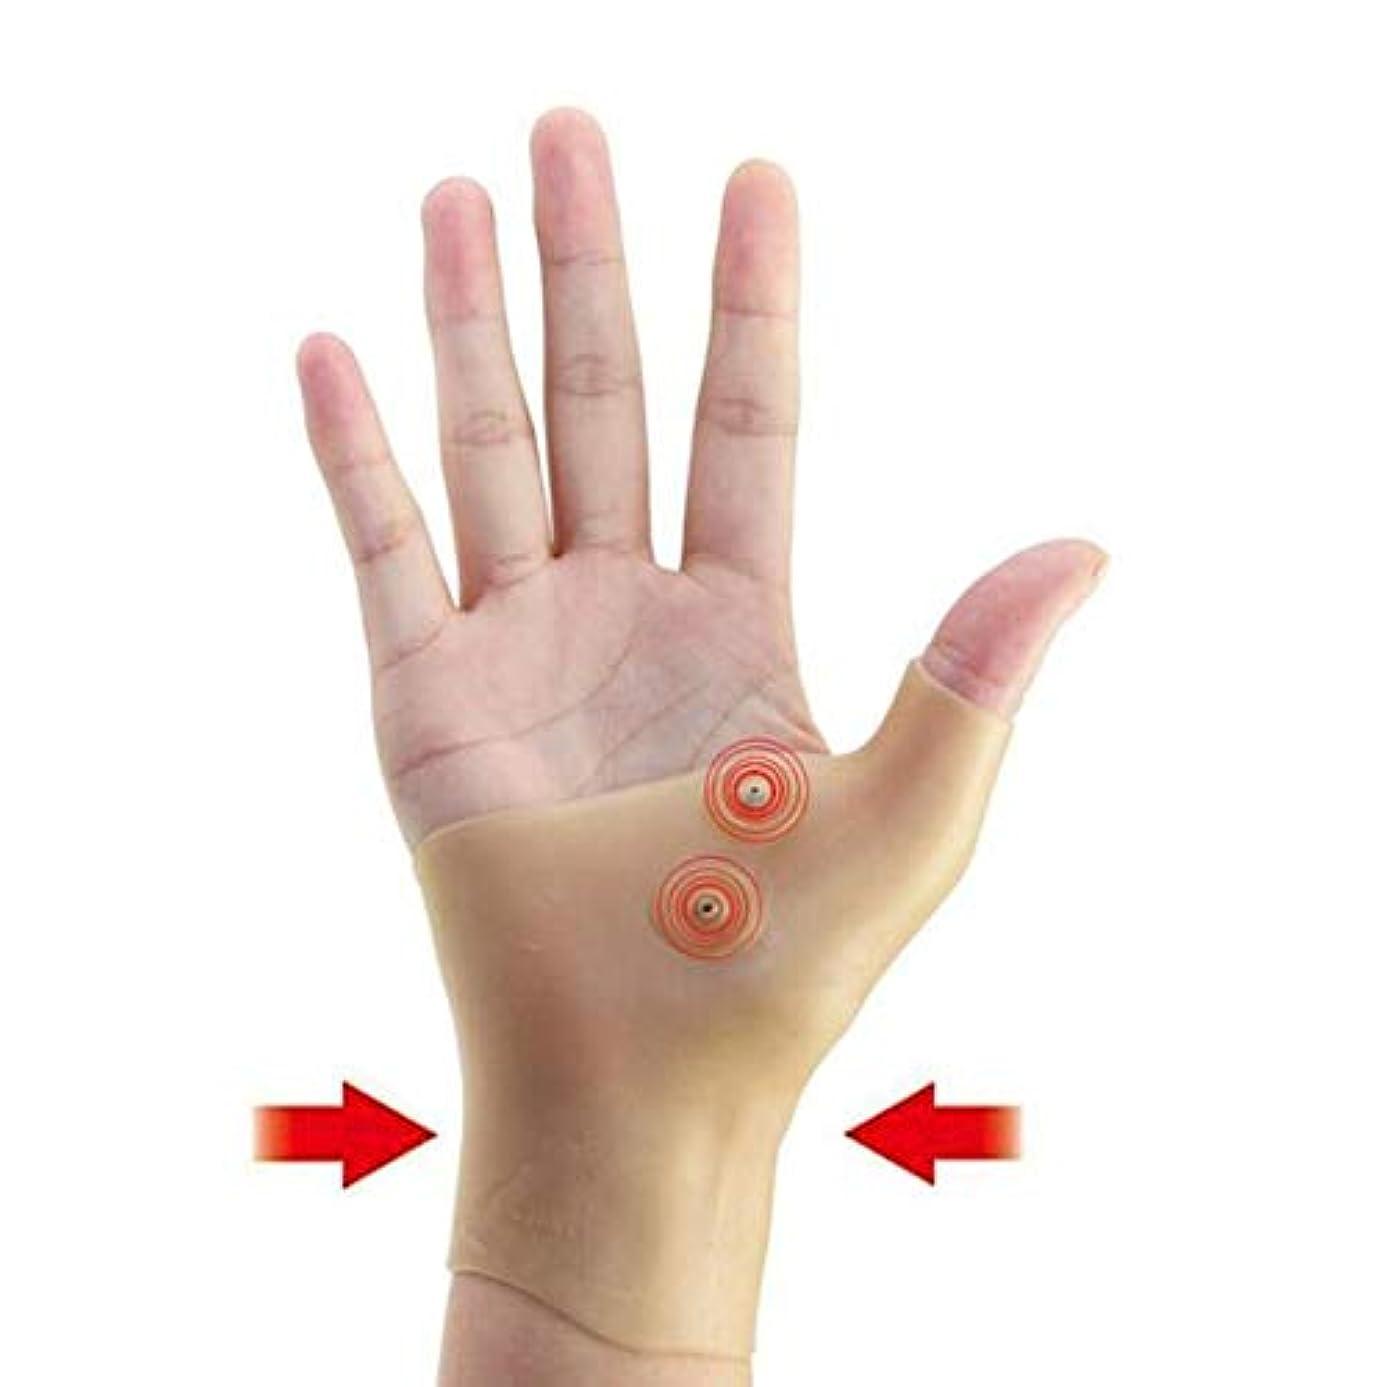 断線ジョットディボンドン必要性磁気療法手首手親指サポート手袋シリコーンゲル関節炎圧力矯正器マッサージ痛み緩和手袋 - 肌の色